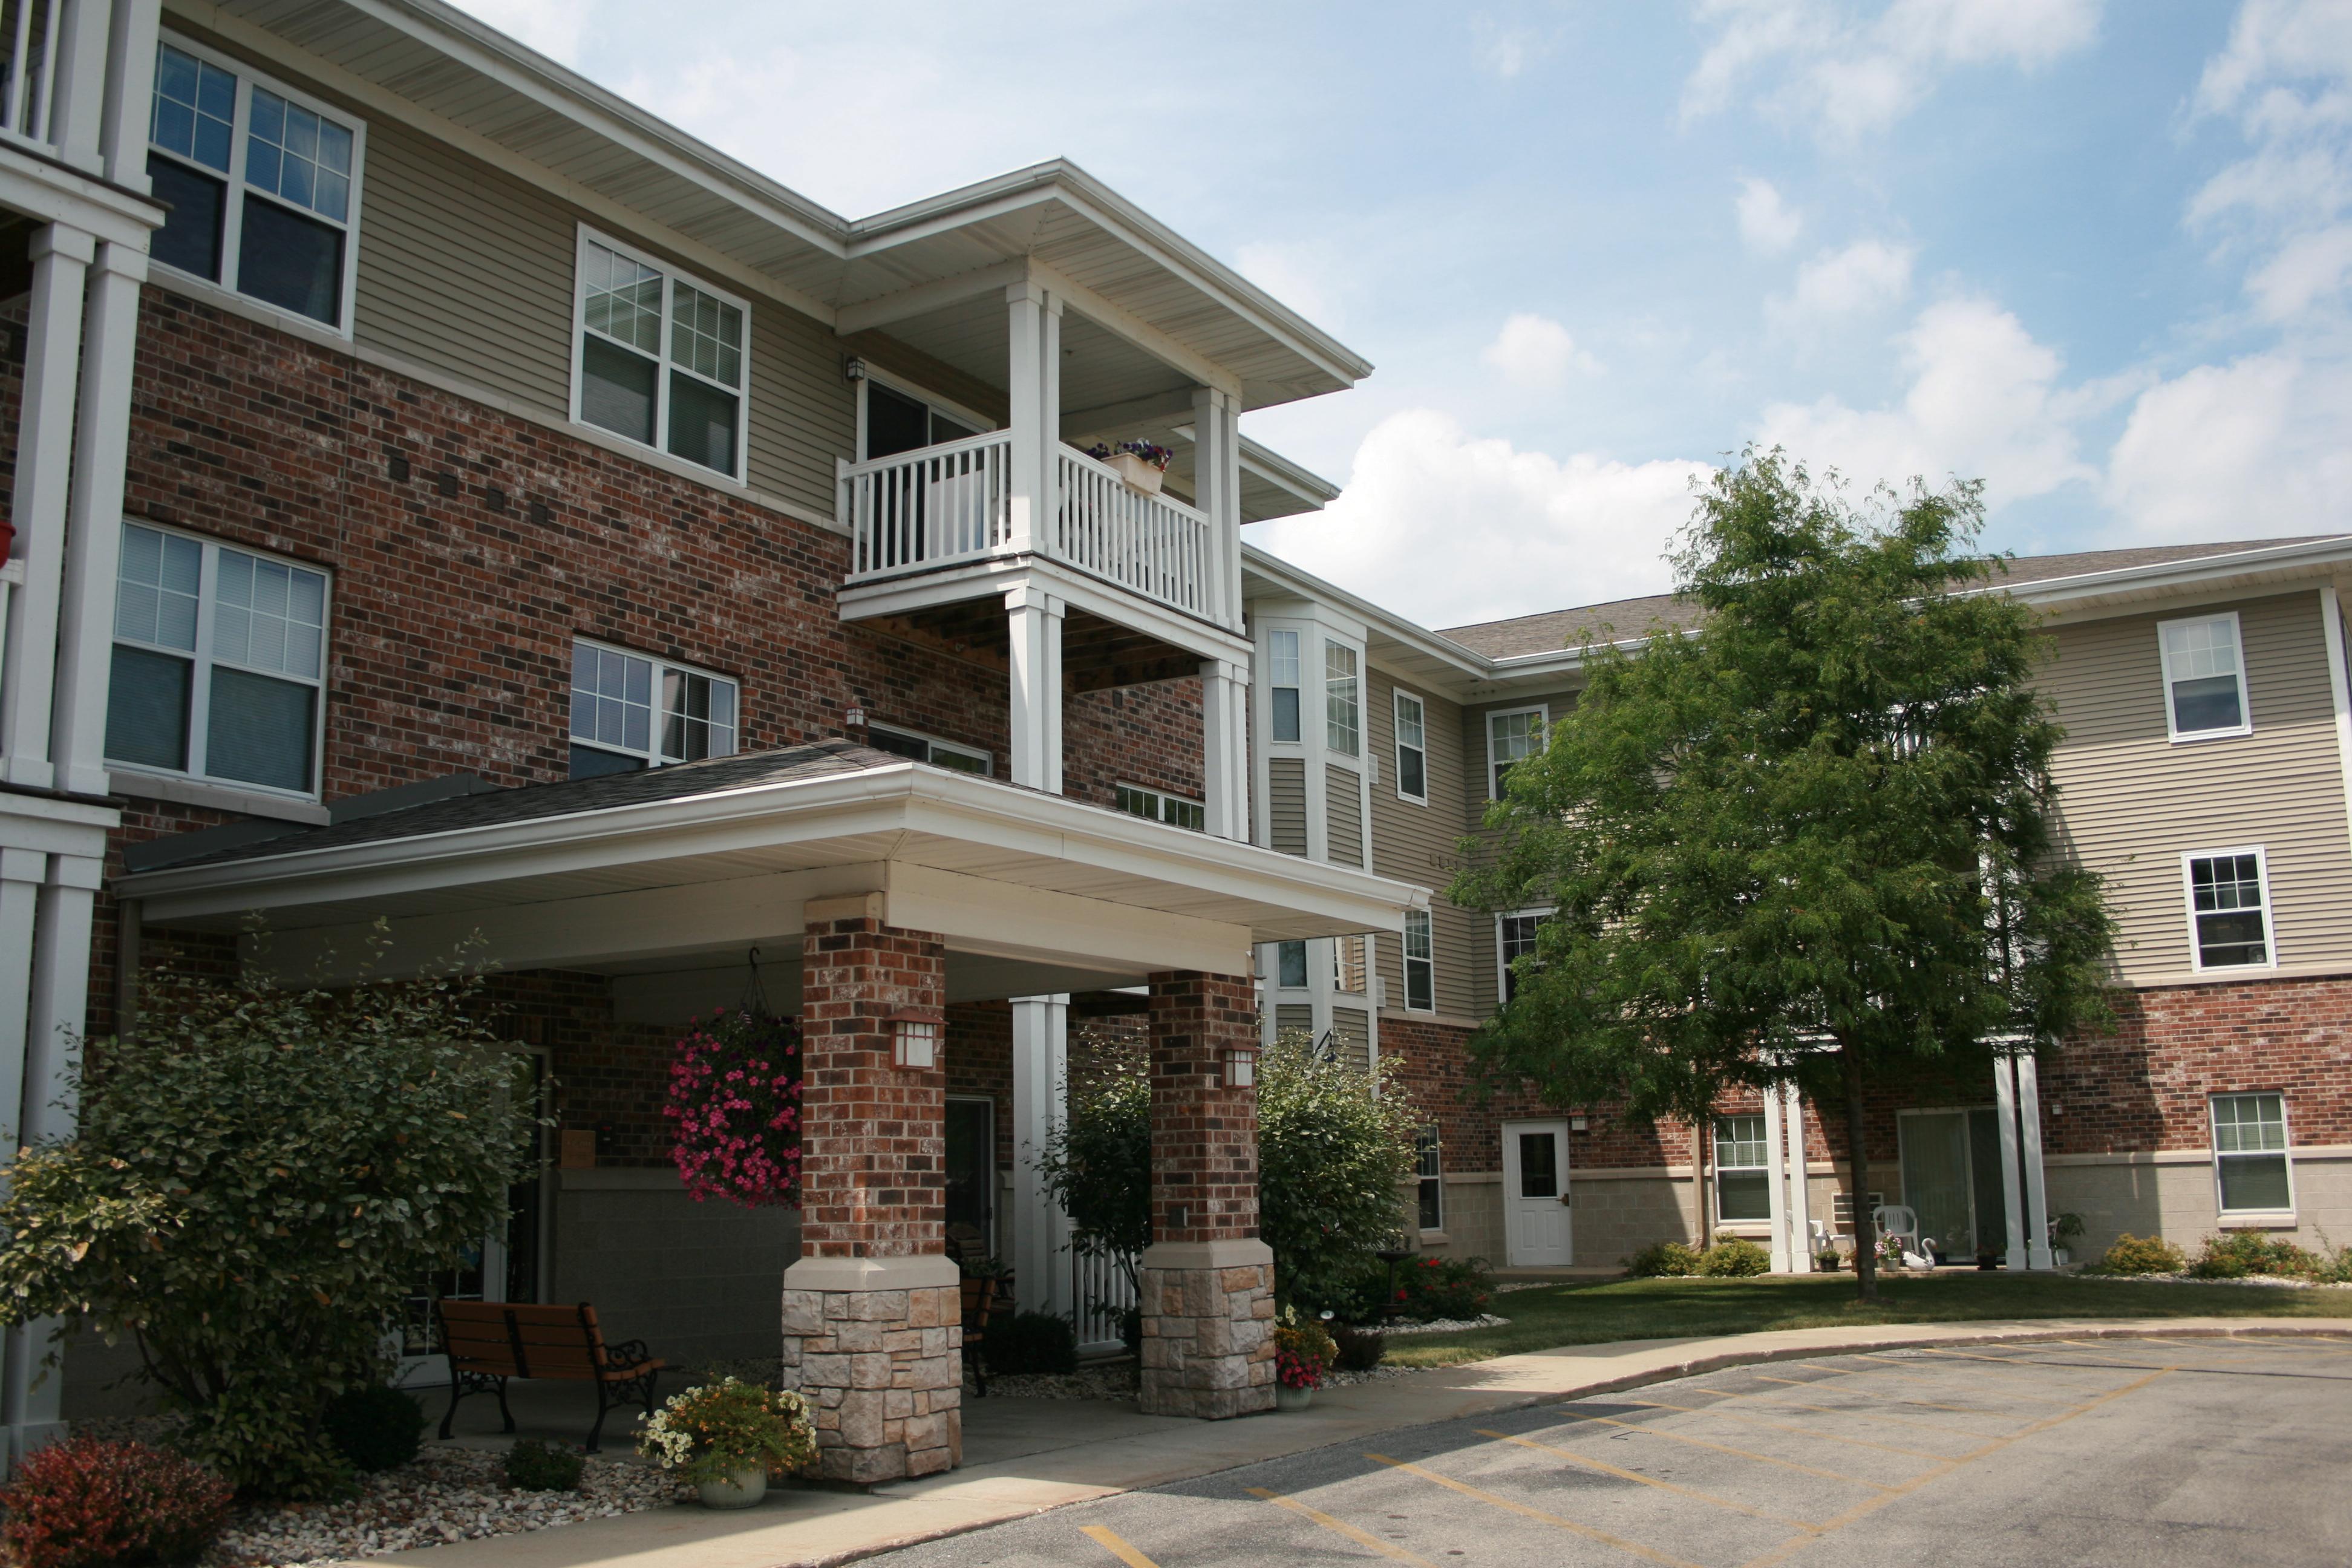 Prairie Hill Senior Apartments image 4